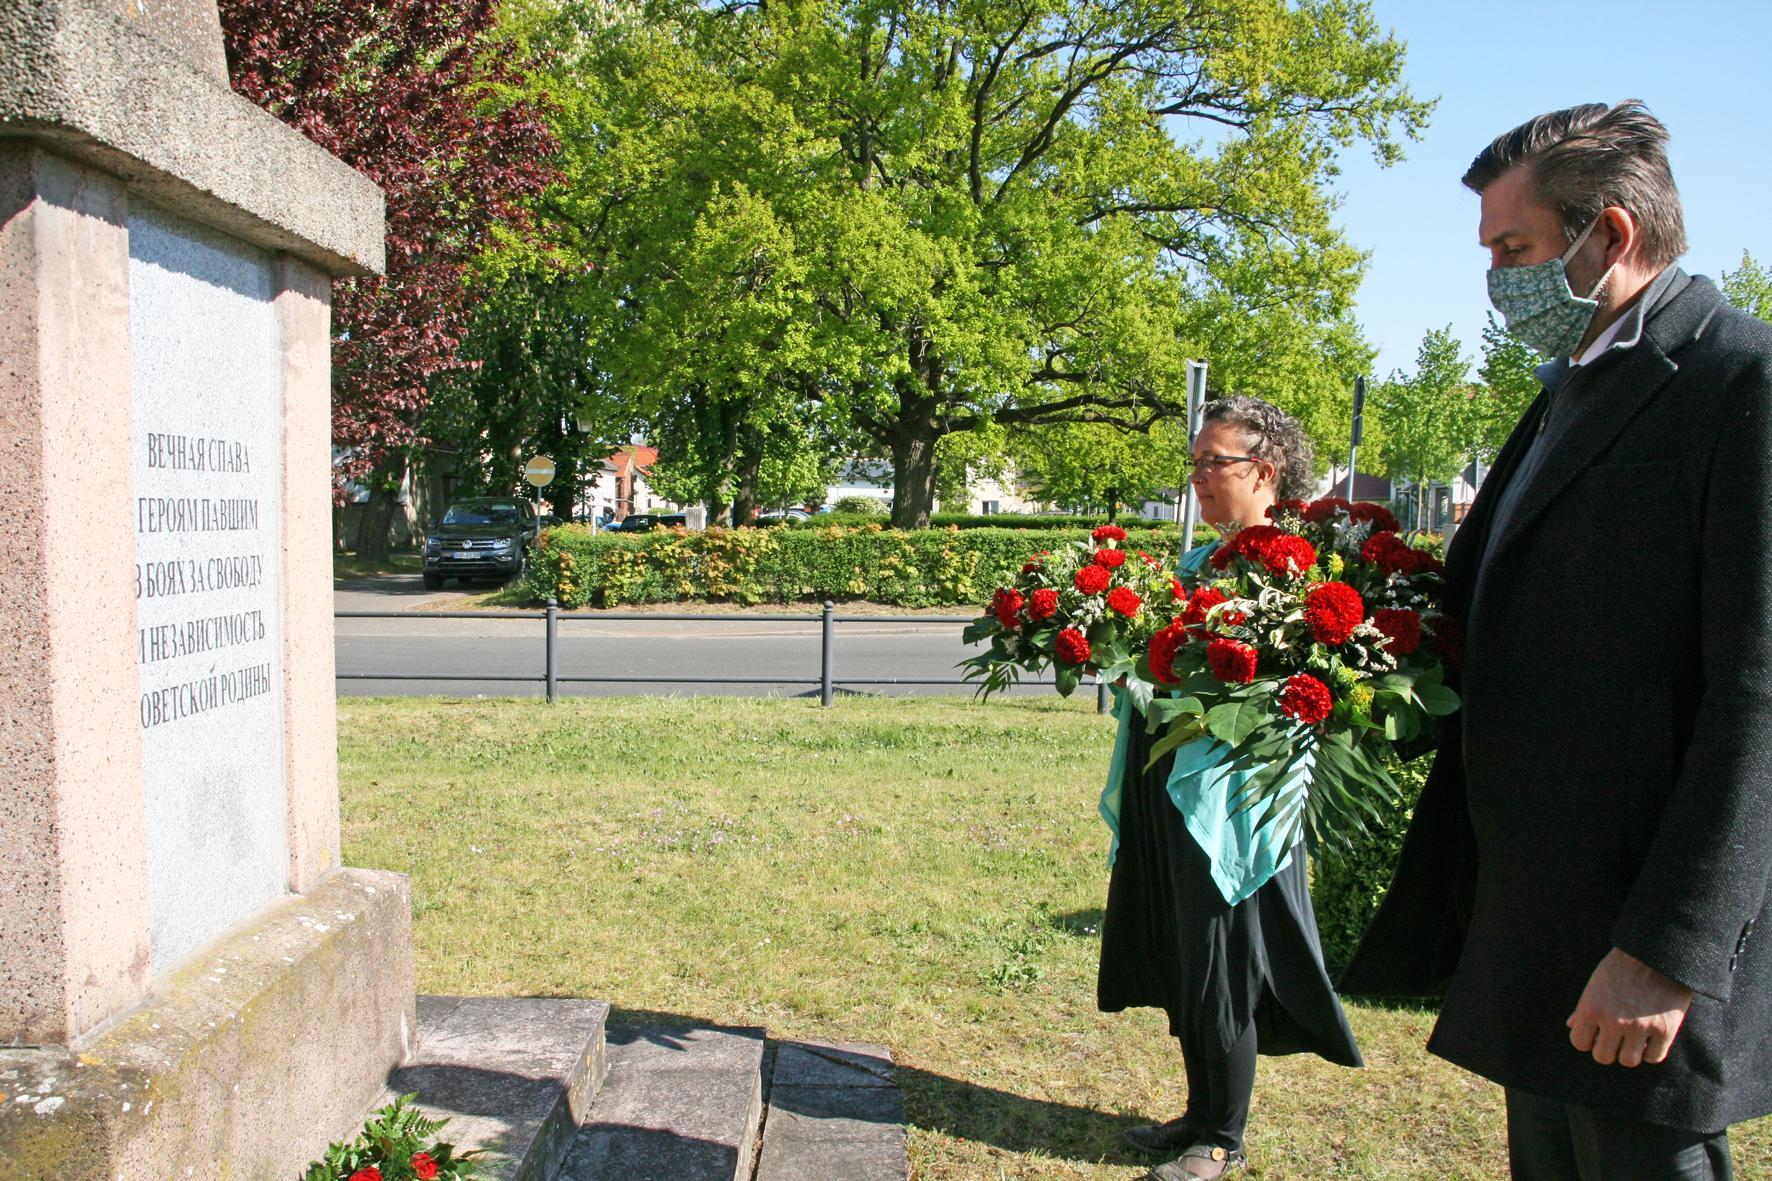 Gedenken an den 8. Mai 1945 trotz Corona